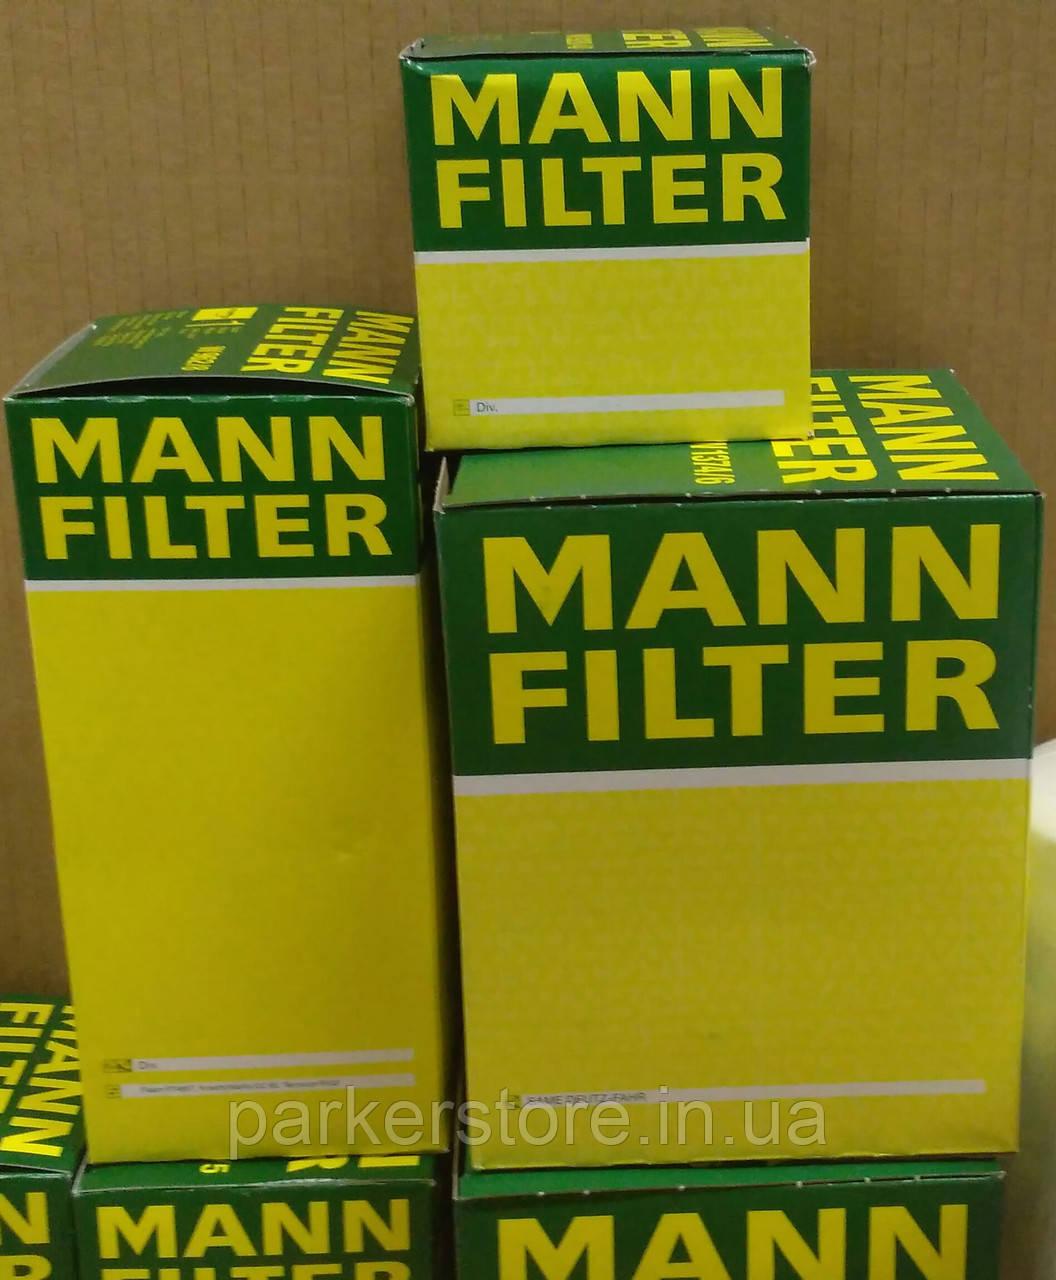 MANN FILTER / Повітряний фільтр / C 16 148 / C16148